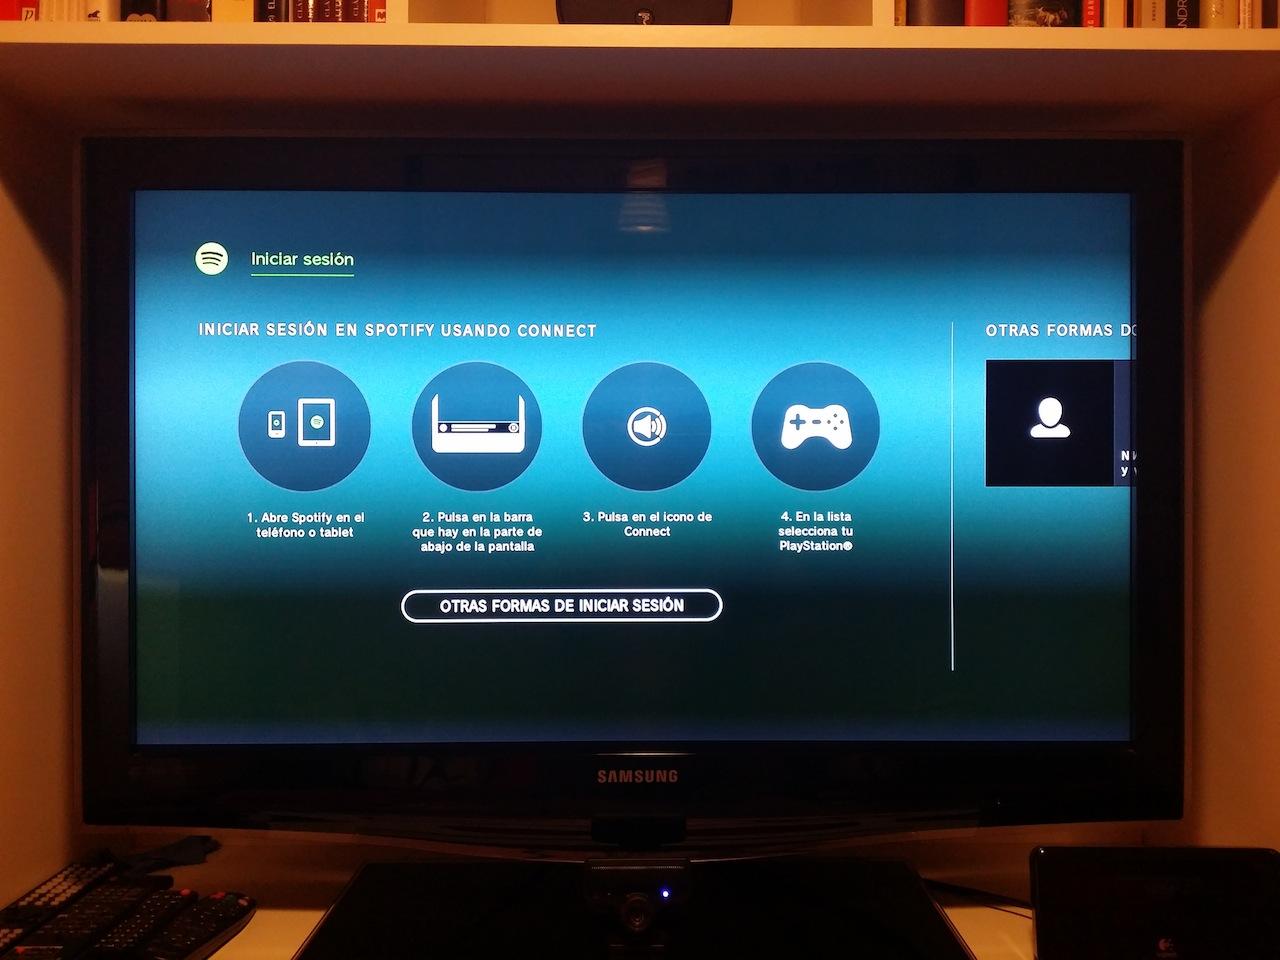 Spotify disponible para Playstation 3 y 4 No7hhu